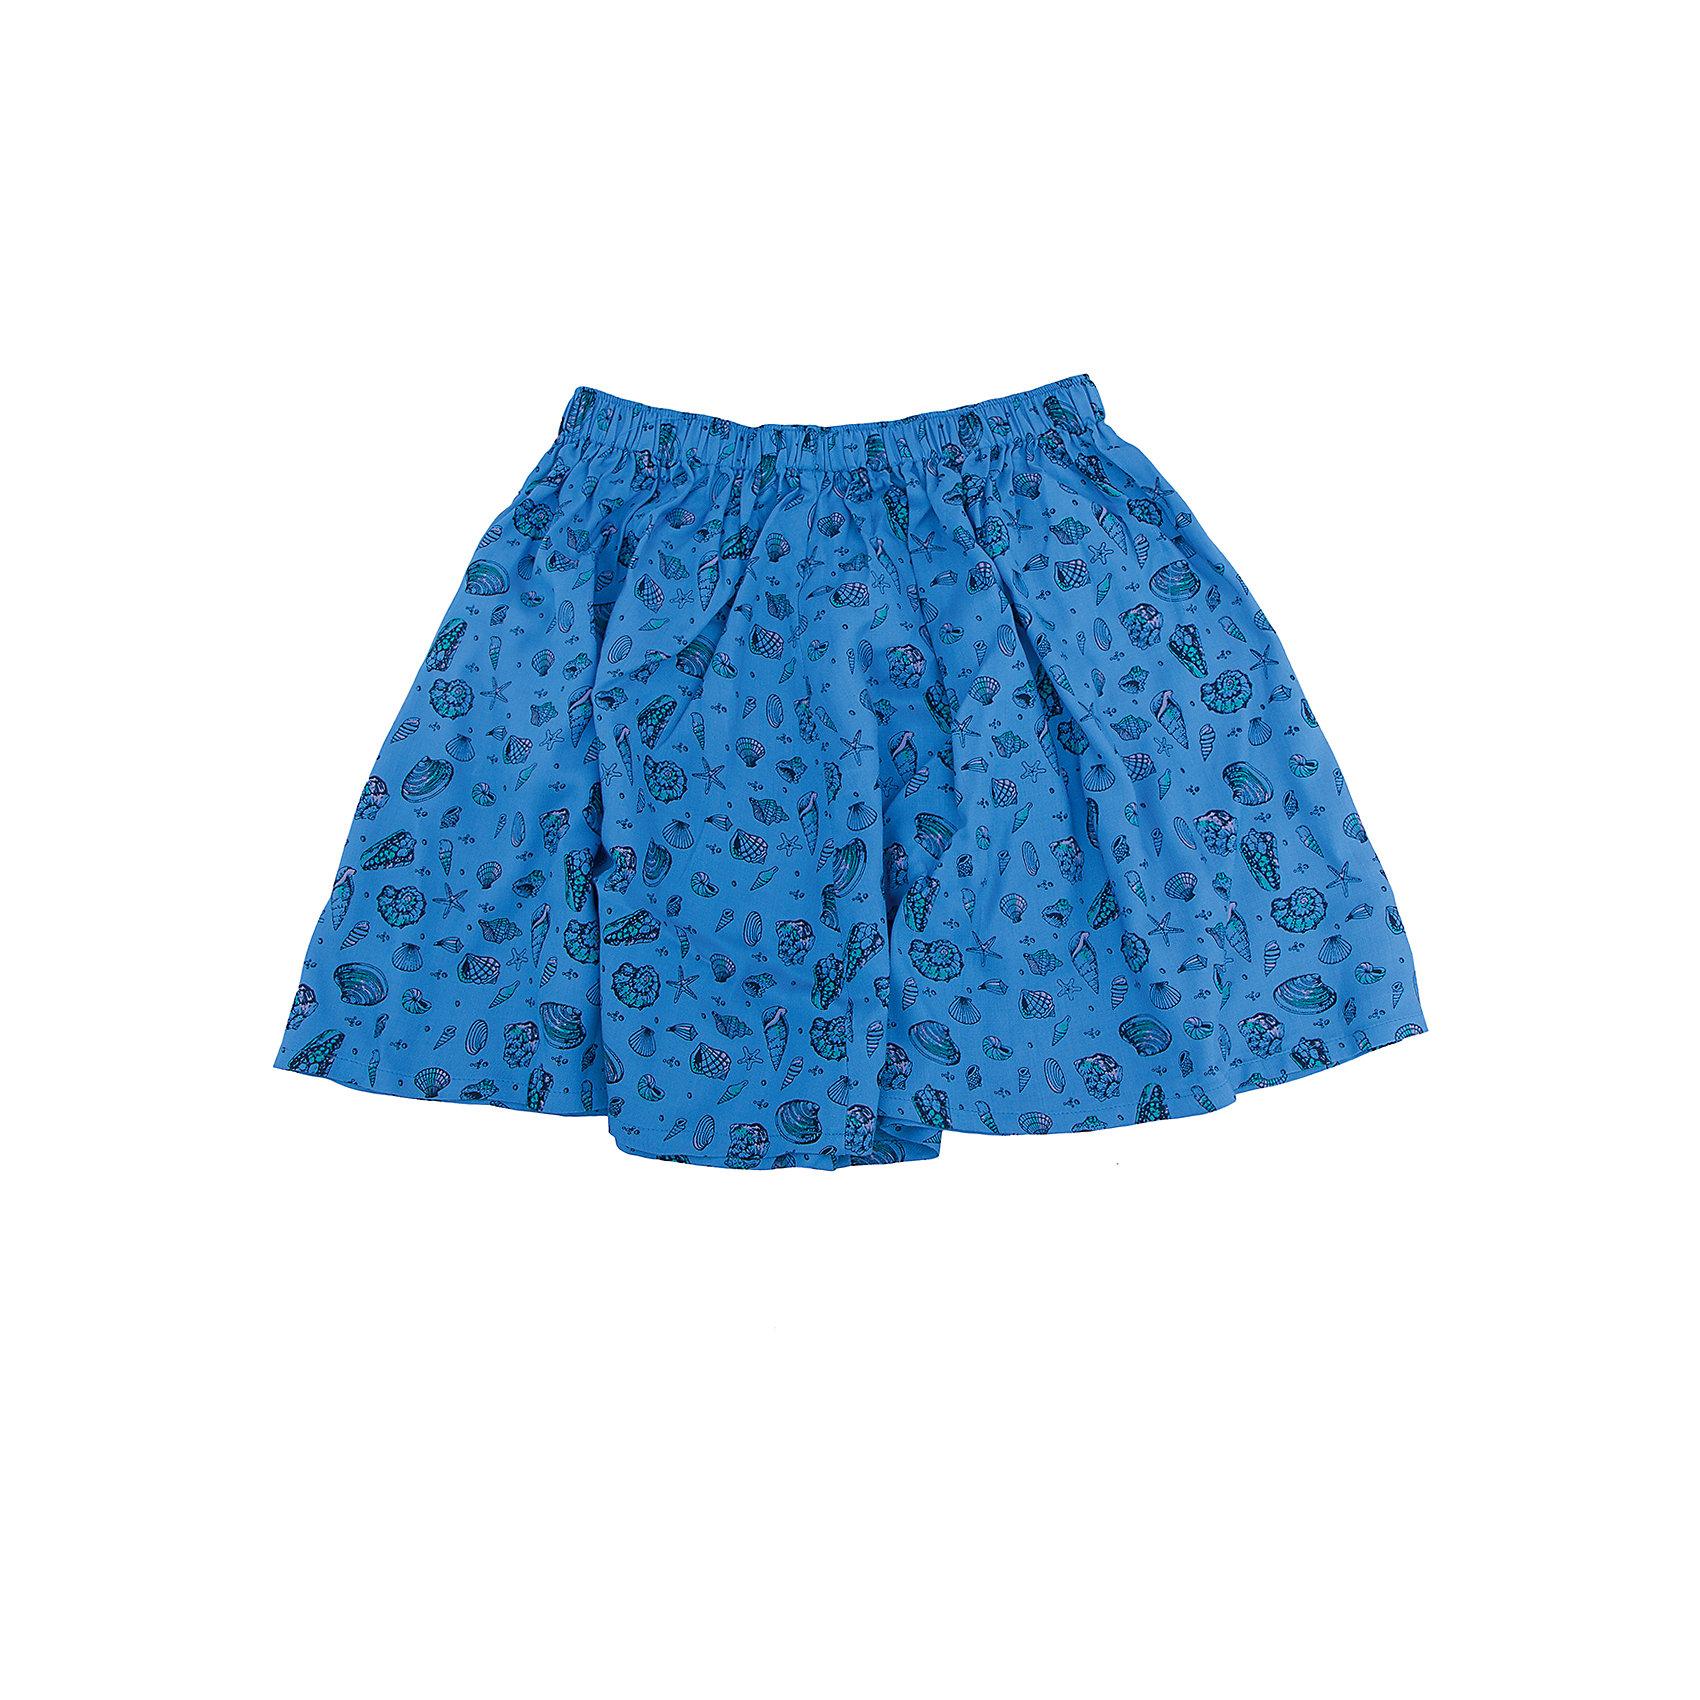 Юбка для девочки SELAОчаровательная юбка для юной модницы от популярного бренда SELA. Изделие выполнено из легкого материала, невероятного мягкого и приятного к телу, и обладает следующими особенностями:<br>- нежный цвет, актуальный принт;<br>- пояс на широкой резинке обеспечивает комфортную посадку по фигуре;<br>- летящий силуэт.<br>Прекрасный выбор для веселых прогулок.<br><br>Дополнительная информация:<br>- состав: 100% вискоза<br>-  цвет: голубой с принтом<br><br>Юбку для девочки  SELA можно купить в нашем магазине<br><br>Ширина мм: 207<br>Глубина мм: 10<br>Высота мм: 189<br>Вес г: 183<br>Цвет: голубой<br>Возраст от месяцев: 108<br>Возраст до месяцев: 120<br>Пол: Женский<br>Возраст: Детский<br>Размер: 140,152,116,122,128,134,146<br>SKU: 4742035